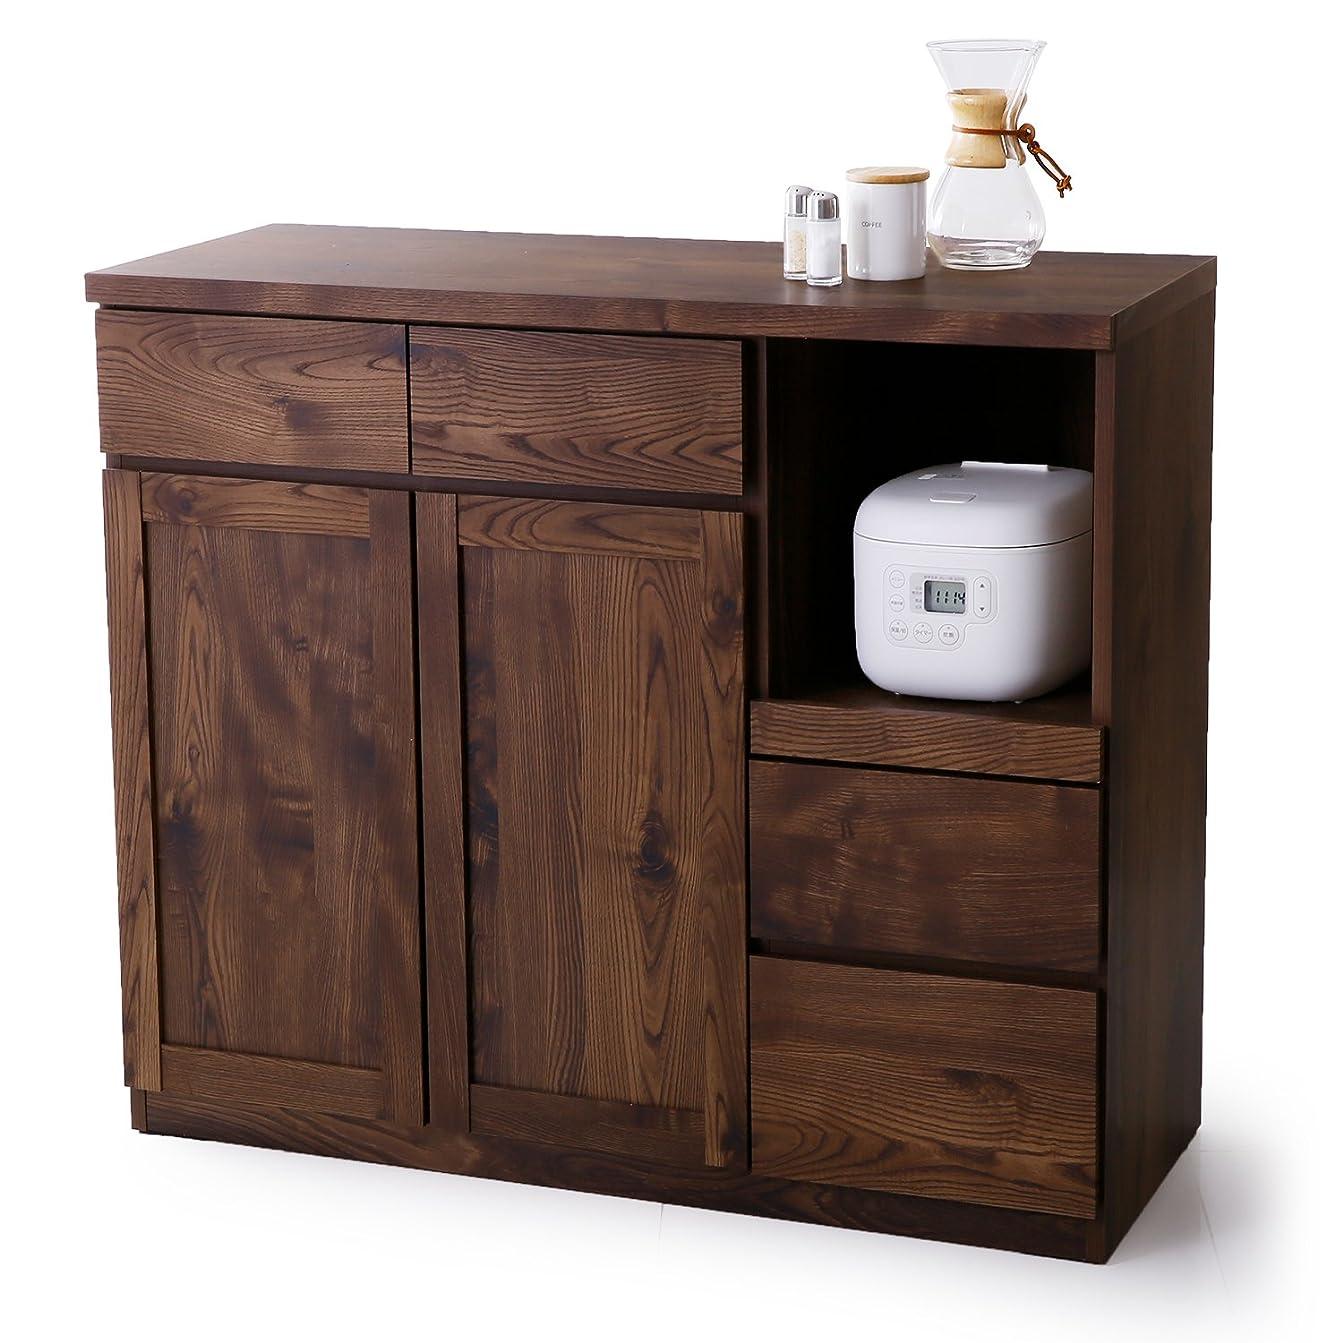 分離知人表現LOWYA キッチンカウンター レンジ台 引き出し 可動棚 ロータイプ 国産 幅105 ブラウン